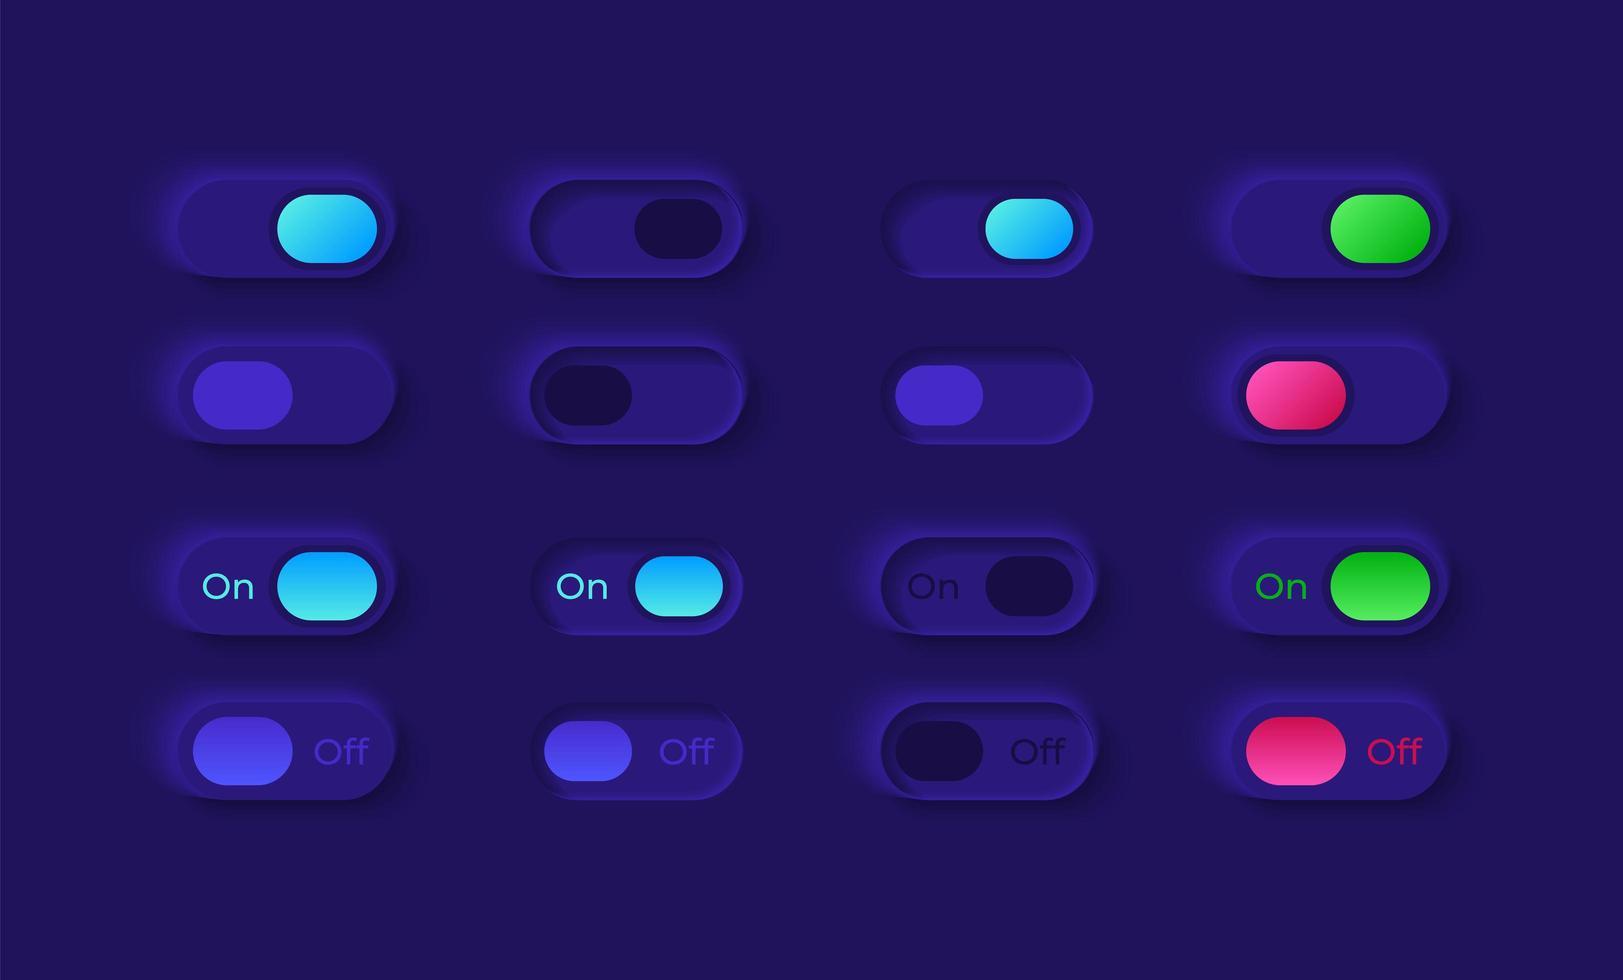 kit de elementos de interfaz de usuario de encendido y apagado vector